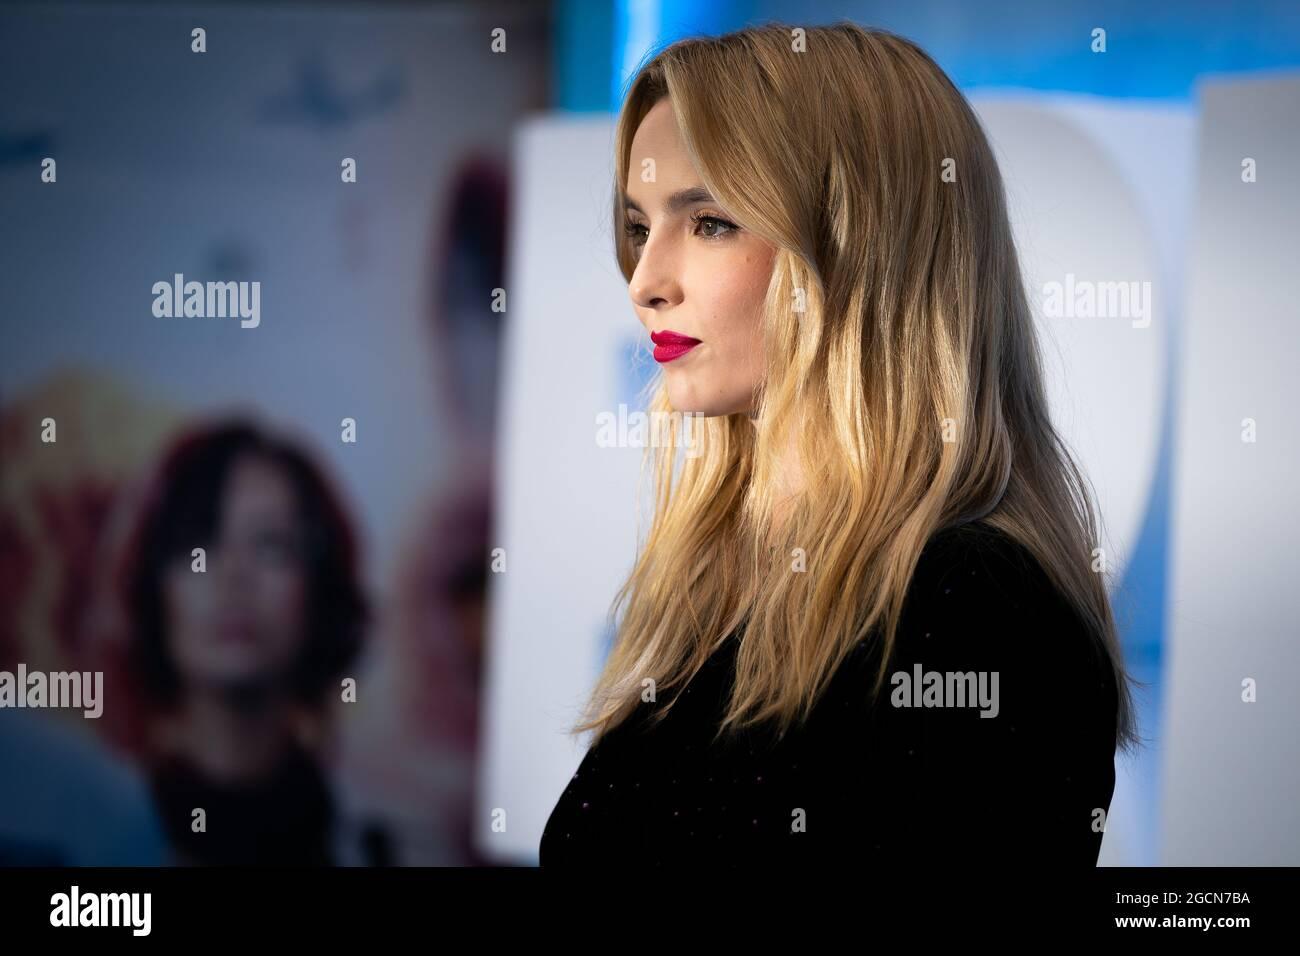 Jodie Comer arriva a Cineworld Leicester Square, nel centro di Londra, per la prima volta di Free Guy. Data immagine: Lunedì 9 agosto 2021. Foto Stock